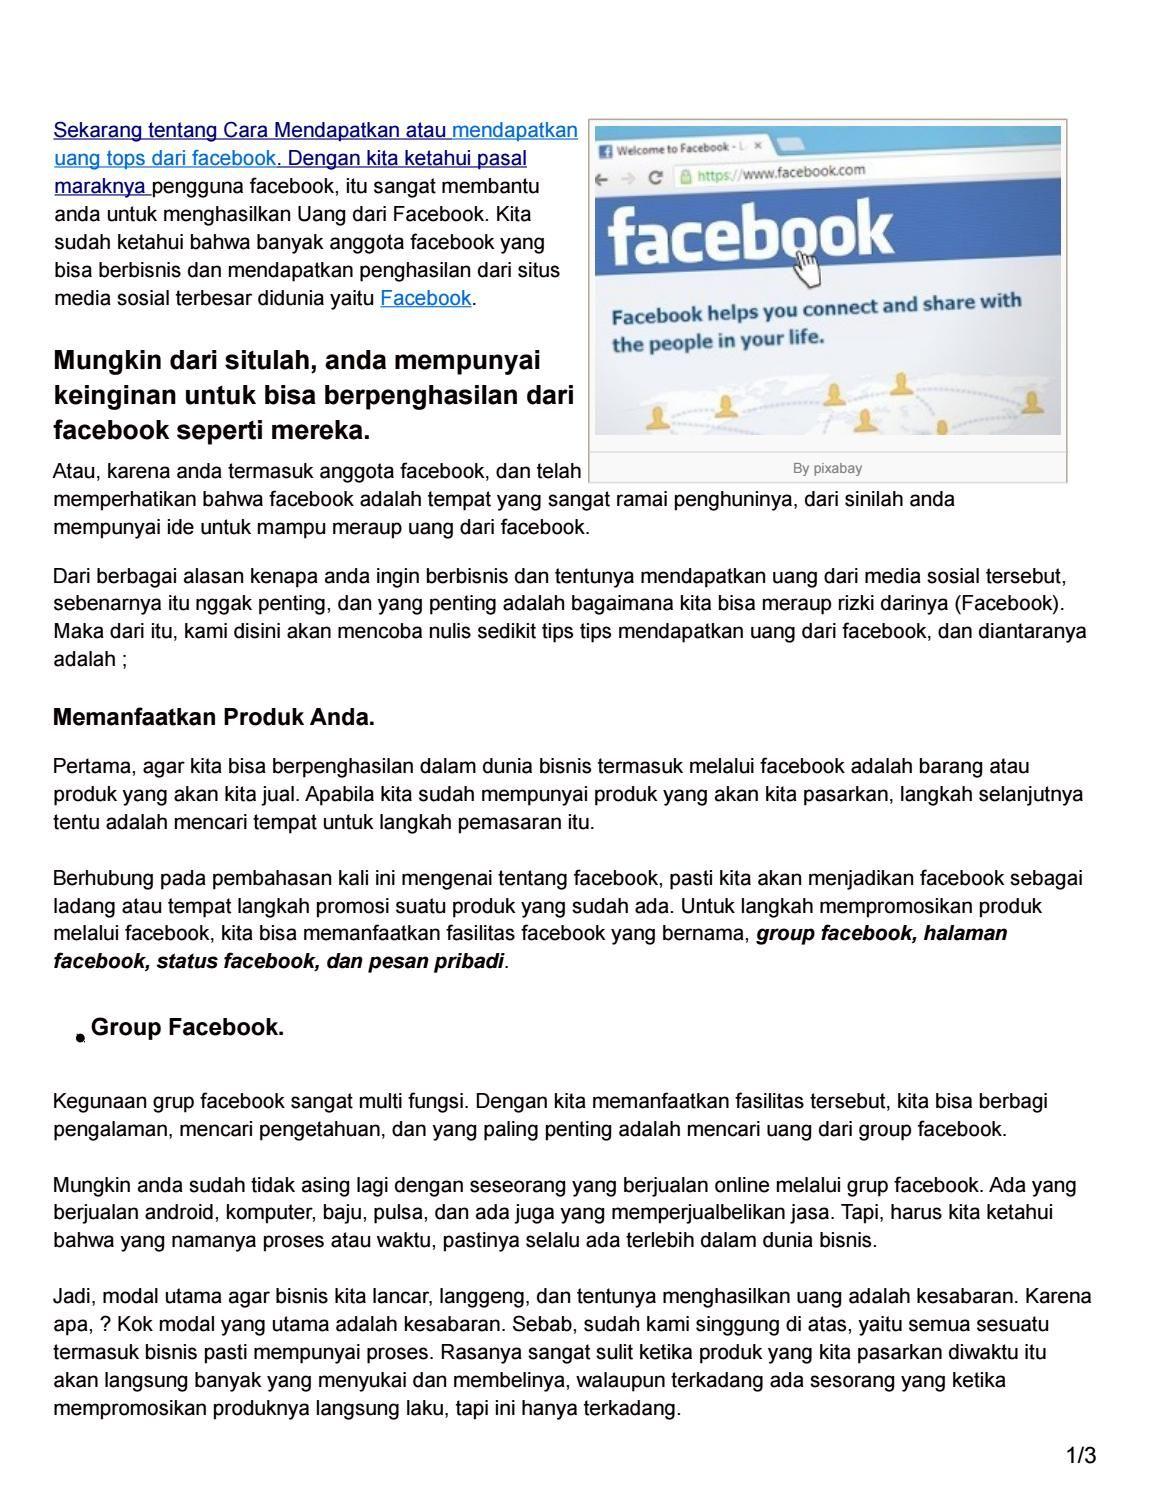 Topa nih tentang cara menghasilkan mendapatkan uang dari facebook topa nih tentang cara menghasilkan mendapatkan uang dari facebook stopboris Choice Image